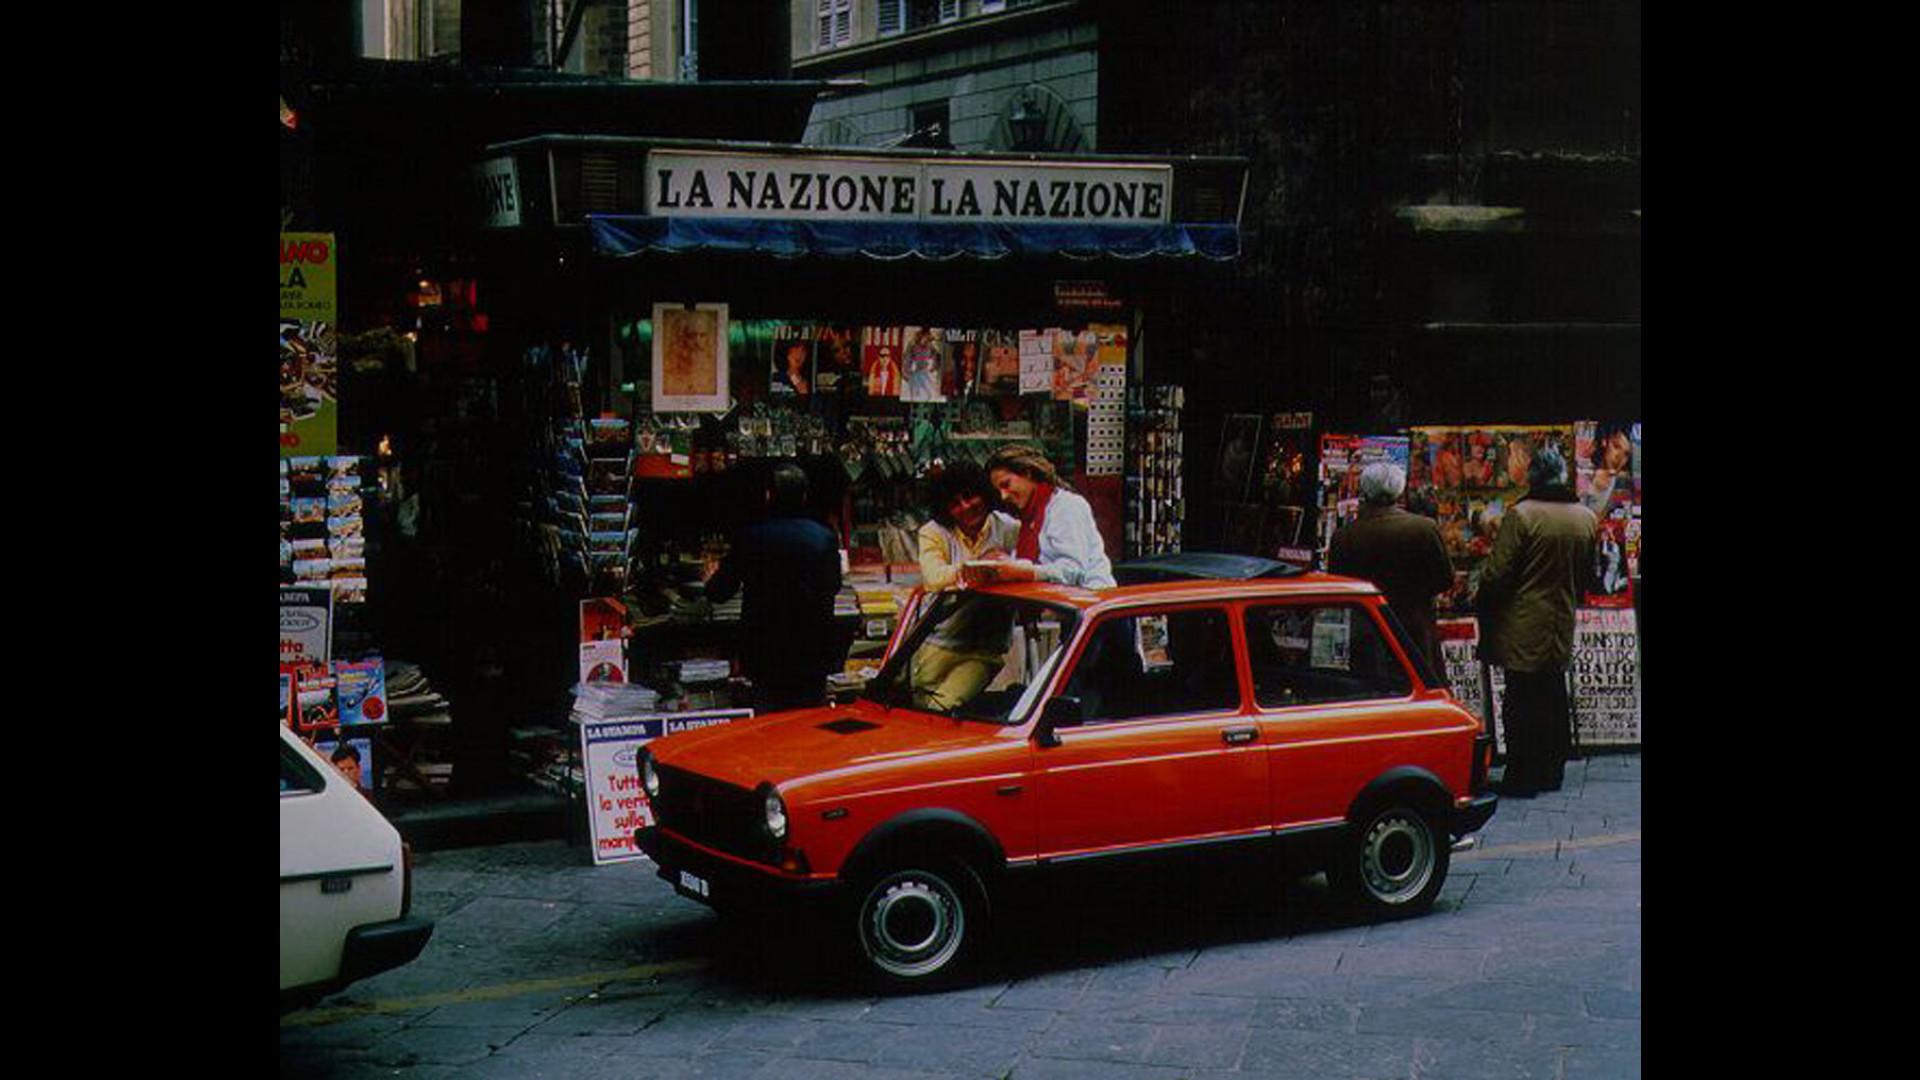 PRESA ARIA GRIGLIA COFANO ANTERIORE A112 DAL 1970